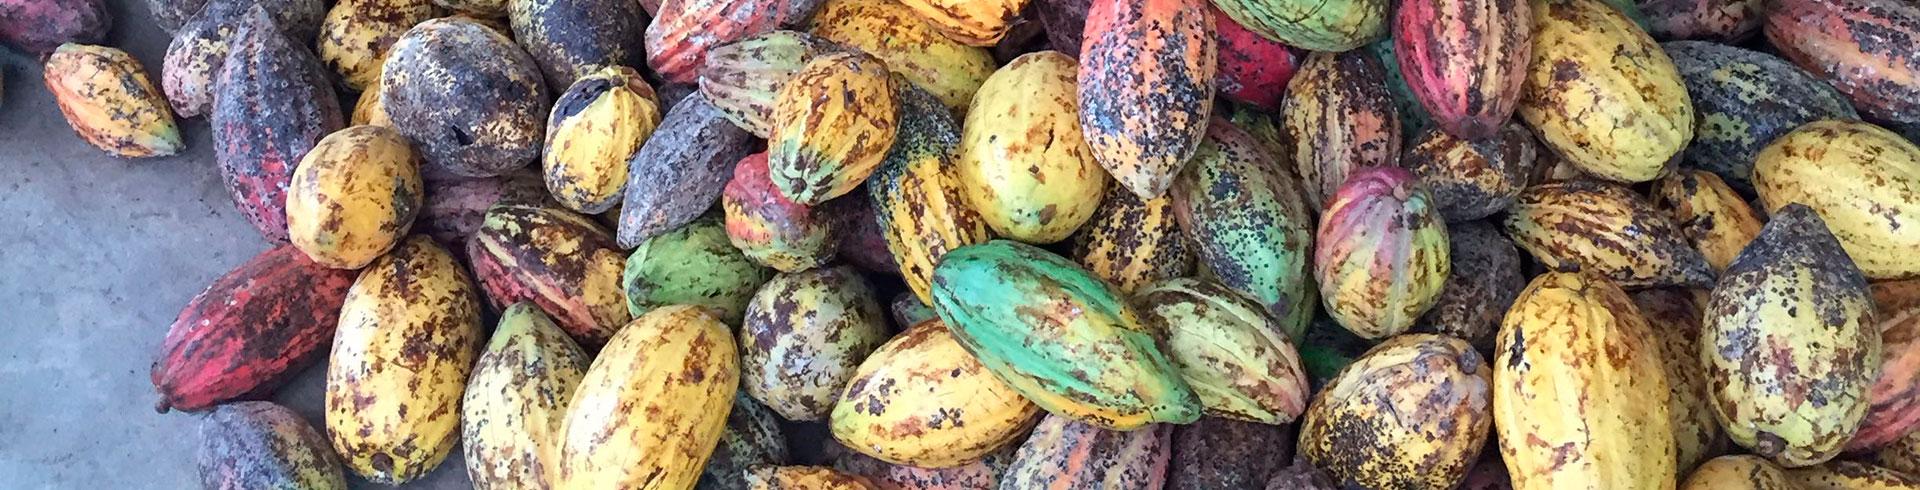 ベトナム産高級チョコレートSOCOLA ロータスとサクラメイン画像04